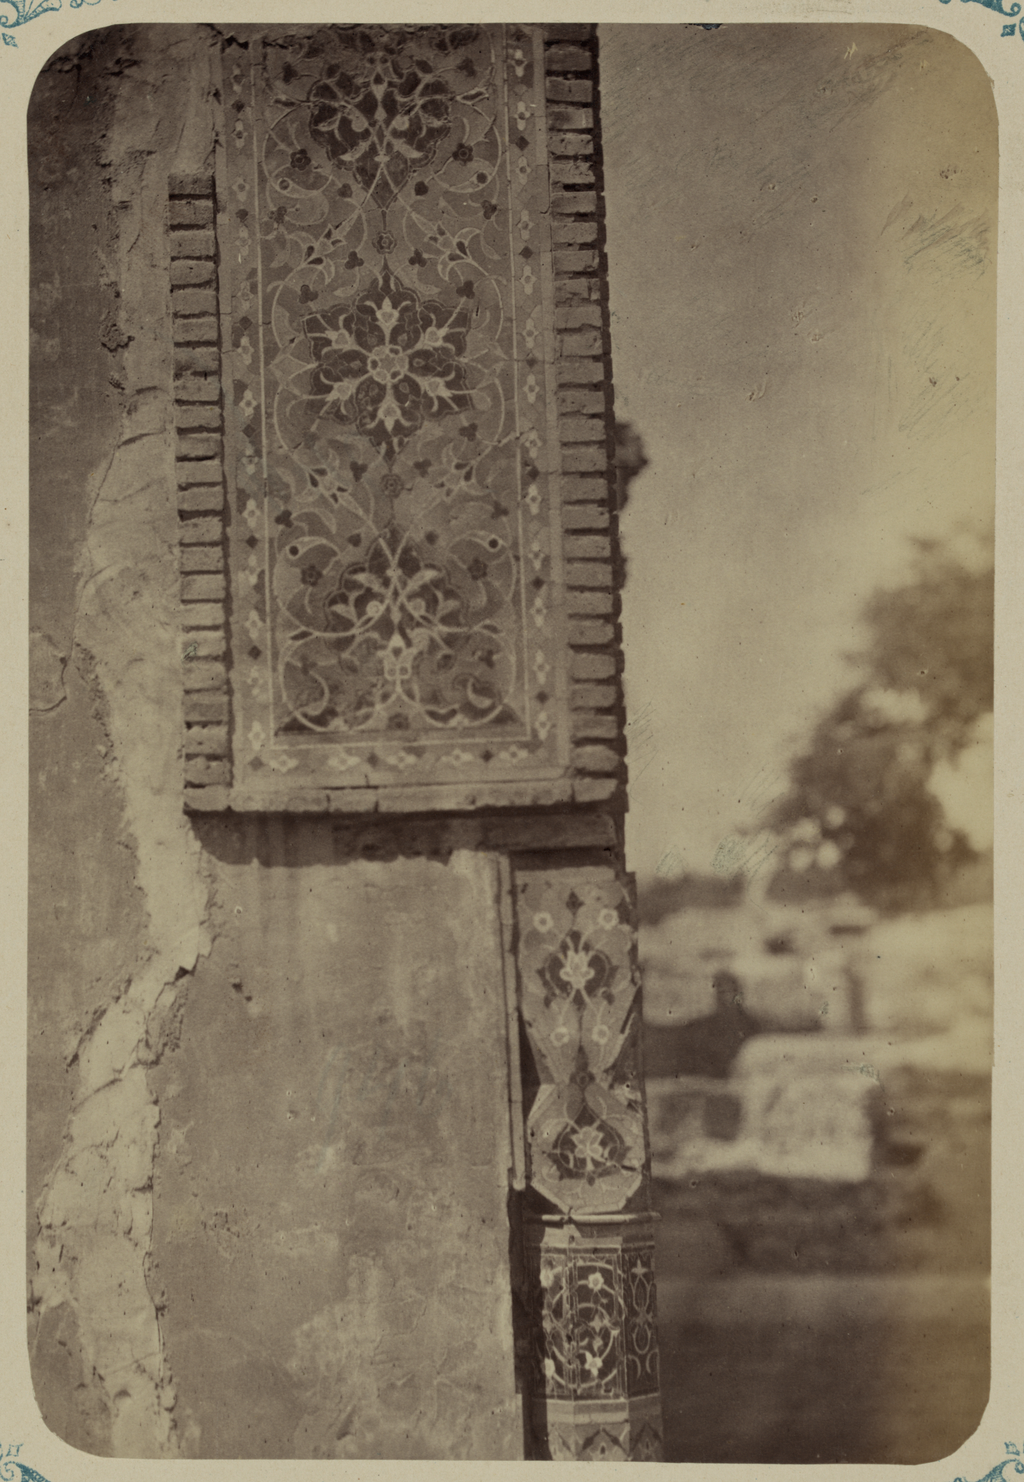 Мавзолей эмира Тимура Курагана (Гур-Эмир). Капитель колонны и часть отделки на северном фасаде